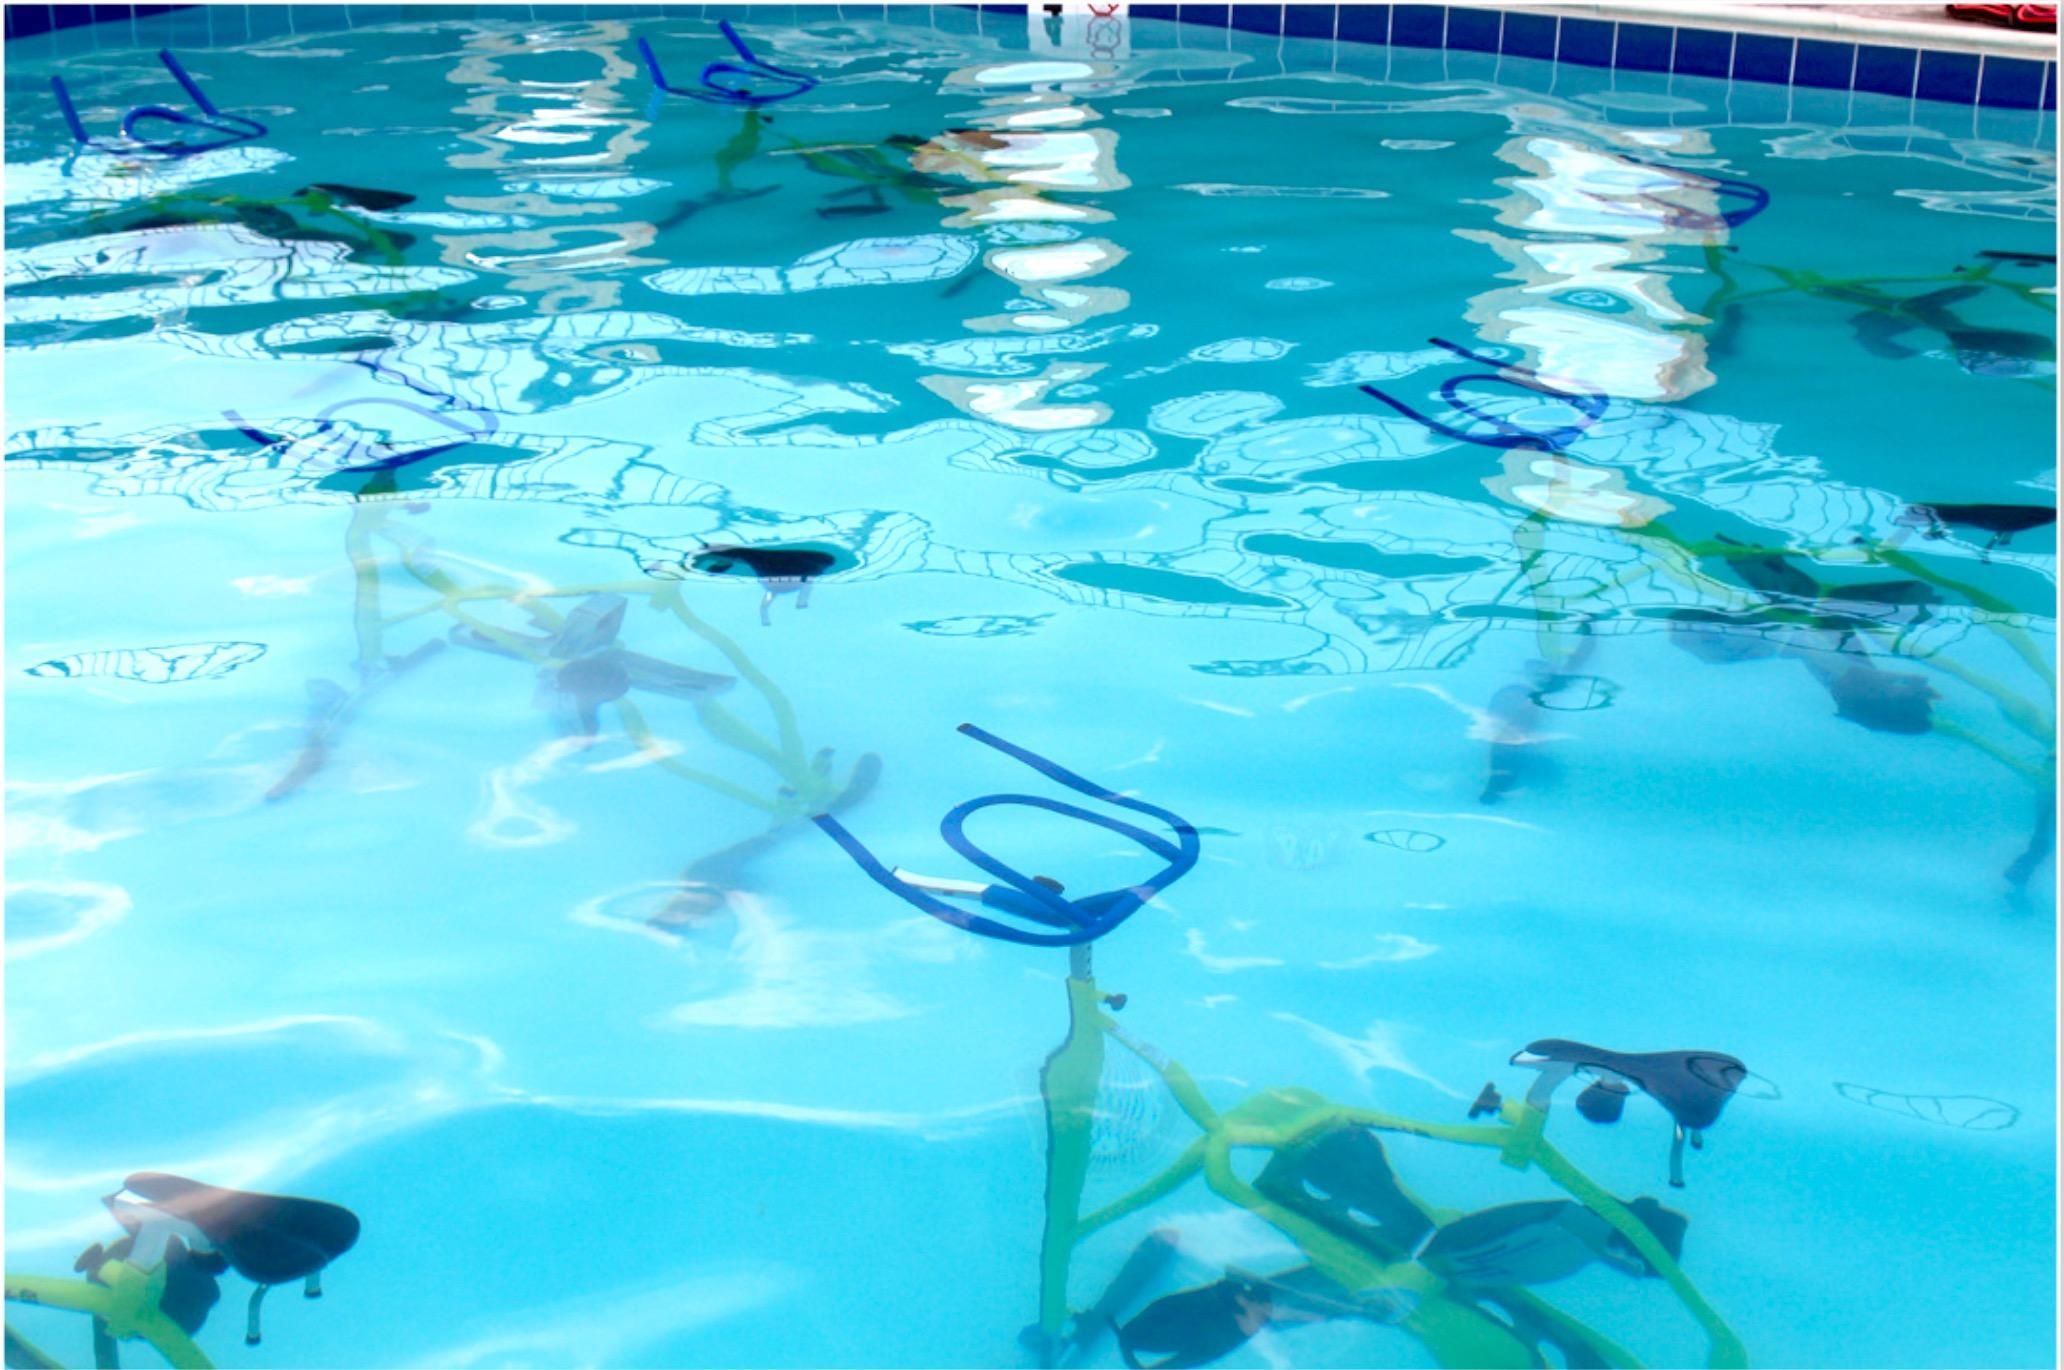 SplashCycle